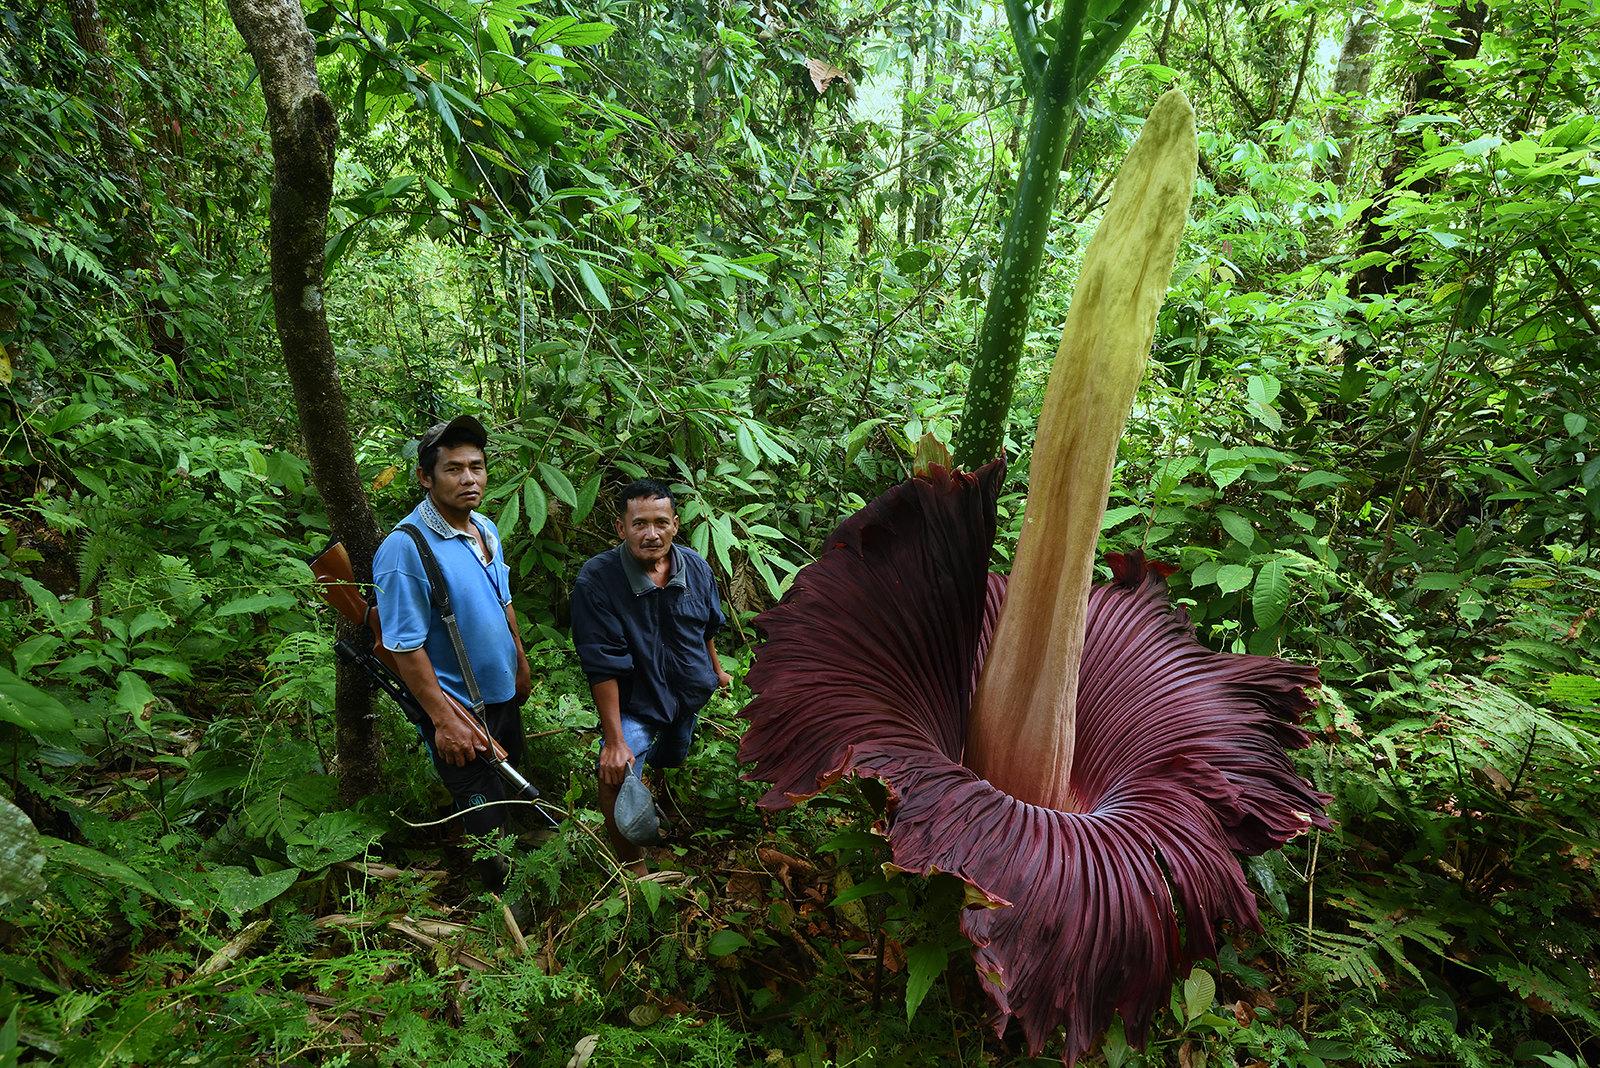 Inflorescencia de Amorphophallus titanum. Se aprecia el peciolo de la hoja detrás